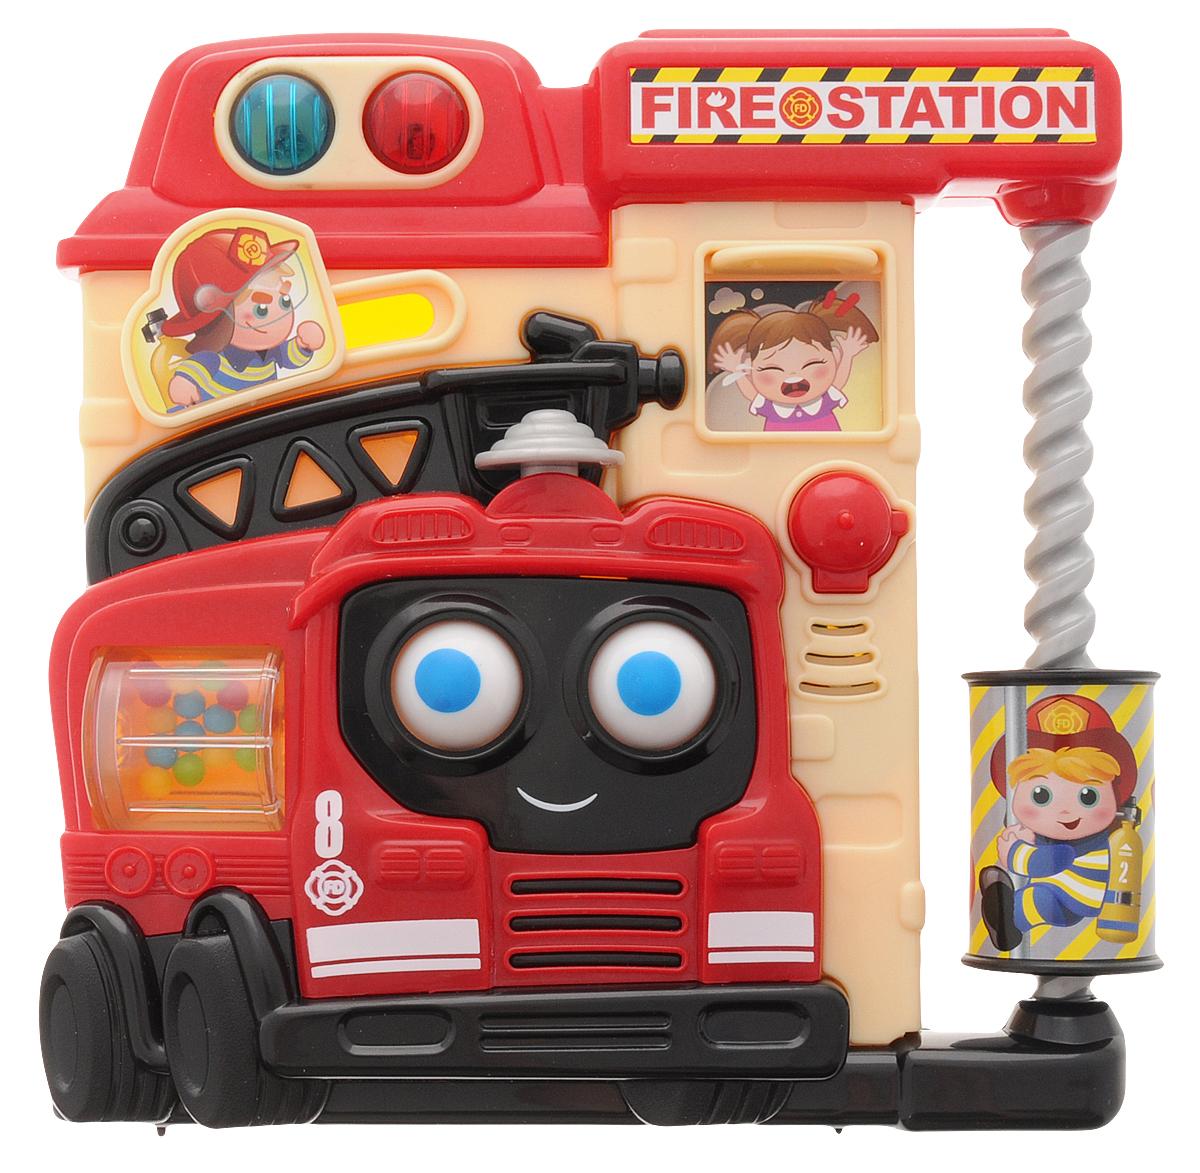 Playgo Развивающая игрушка Пожарная частьPlay 1014Развивающая игрушка Playgo Пожарная часть предназначена для самых маленьких детишек в возрасте от 6 месяцев. Игрушка изготовлена из качественного пластика и окрашена в яркие цвета, которые привлекут внимание ребенка. В игрушку встроены световые и звуковые эффекты - нажав на кнопочки, ребенок услышит различные звуки и увидит яркие огоньки. Различные функции игрушки направлены на развитие у ребенка логики, звукового и зрительного восприятия. Рекомендуется докупить 2 батарейки напряжением 1,5V типа АА (товар комплектуется демонстрационными).